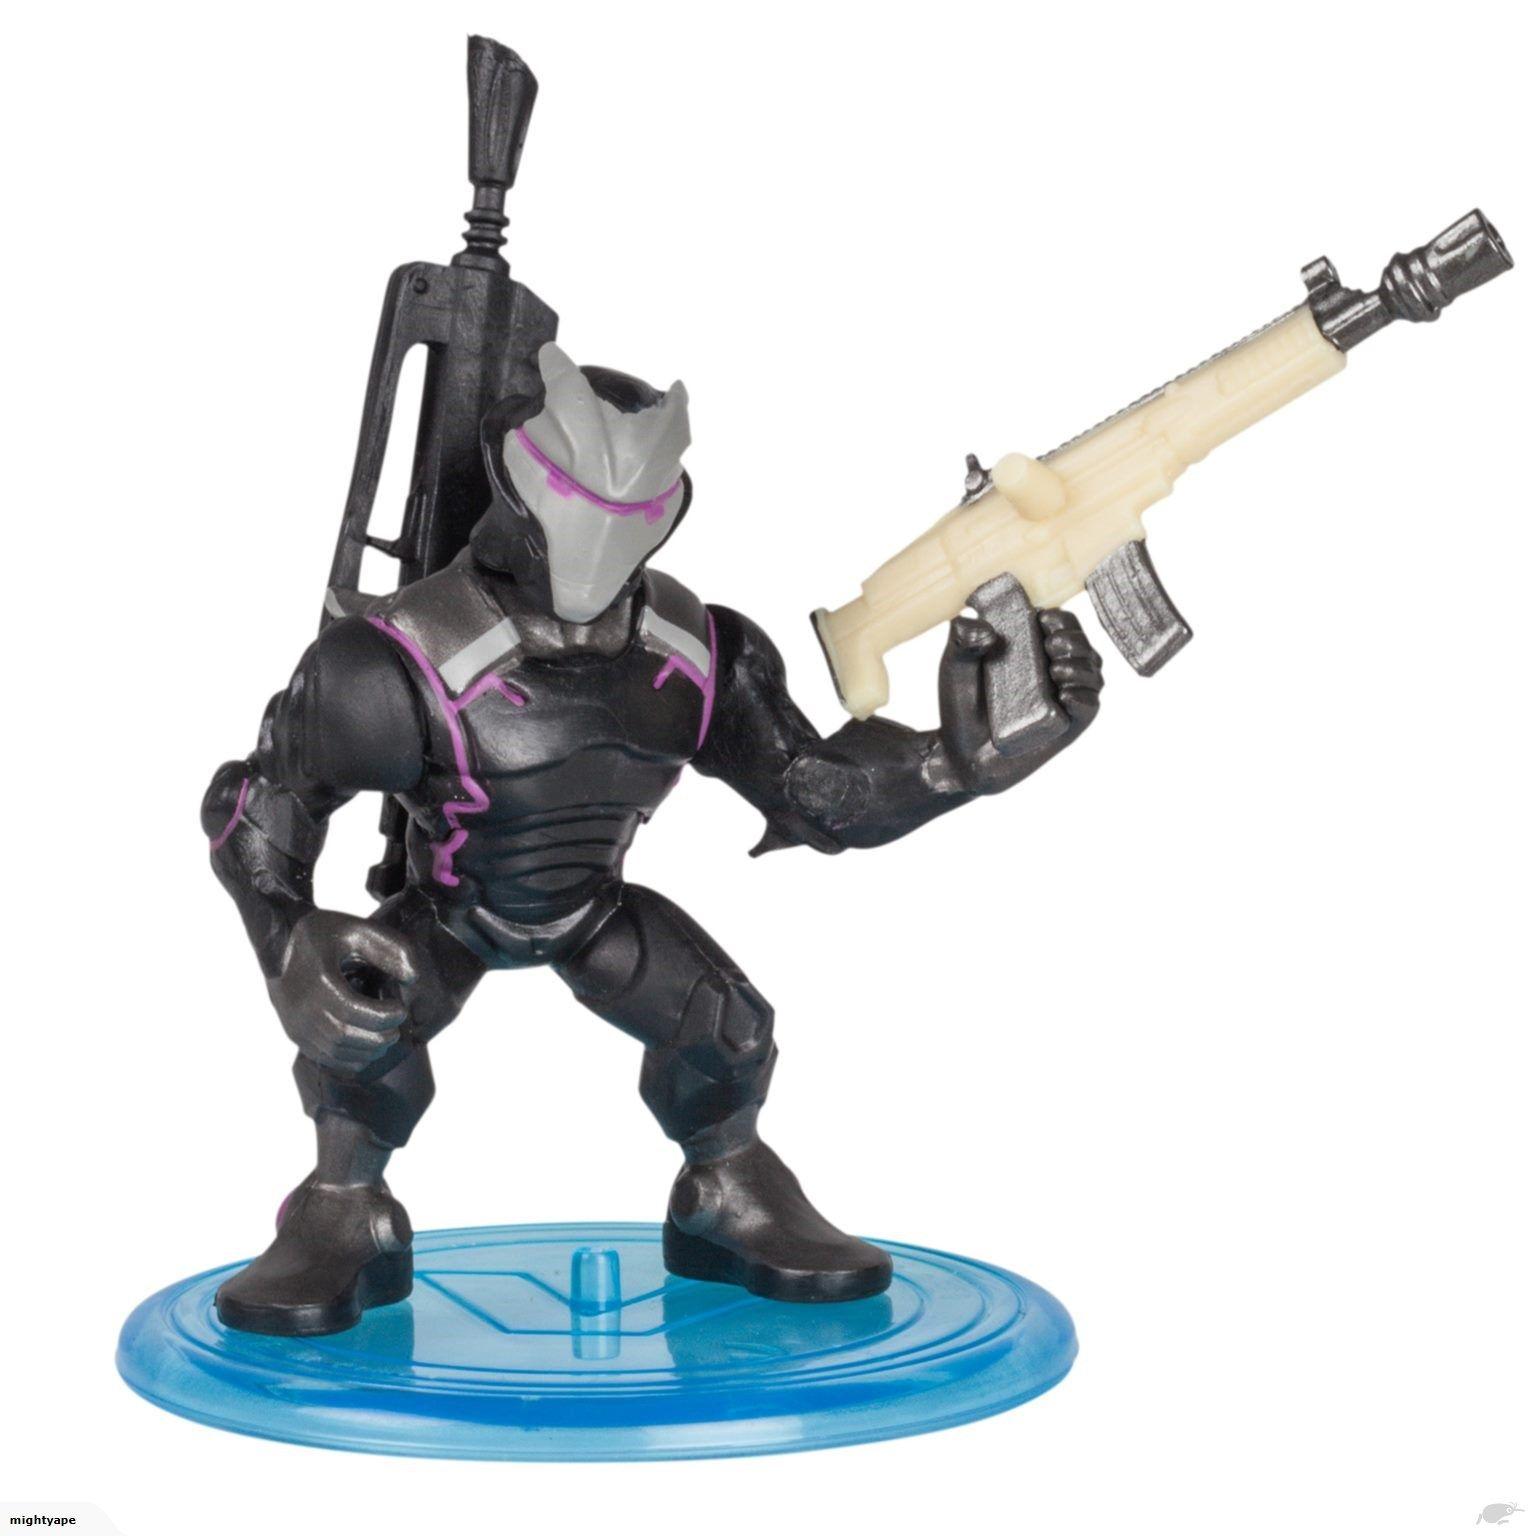 Фигурка Moose Fortnite Battle Royale - Omega, с 2 оръжия - 2